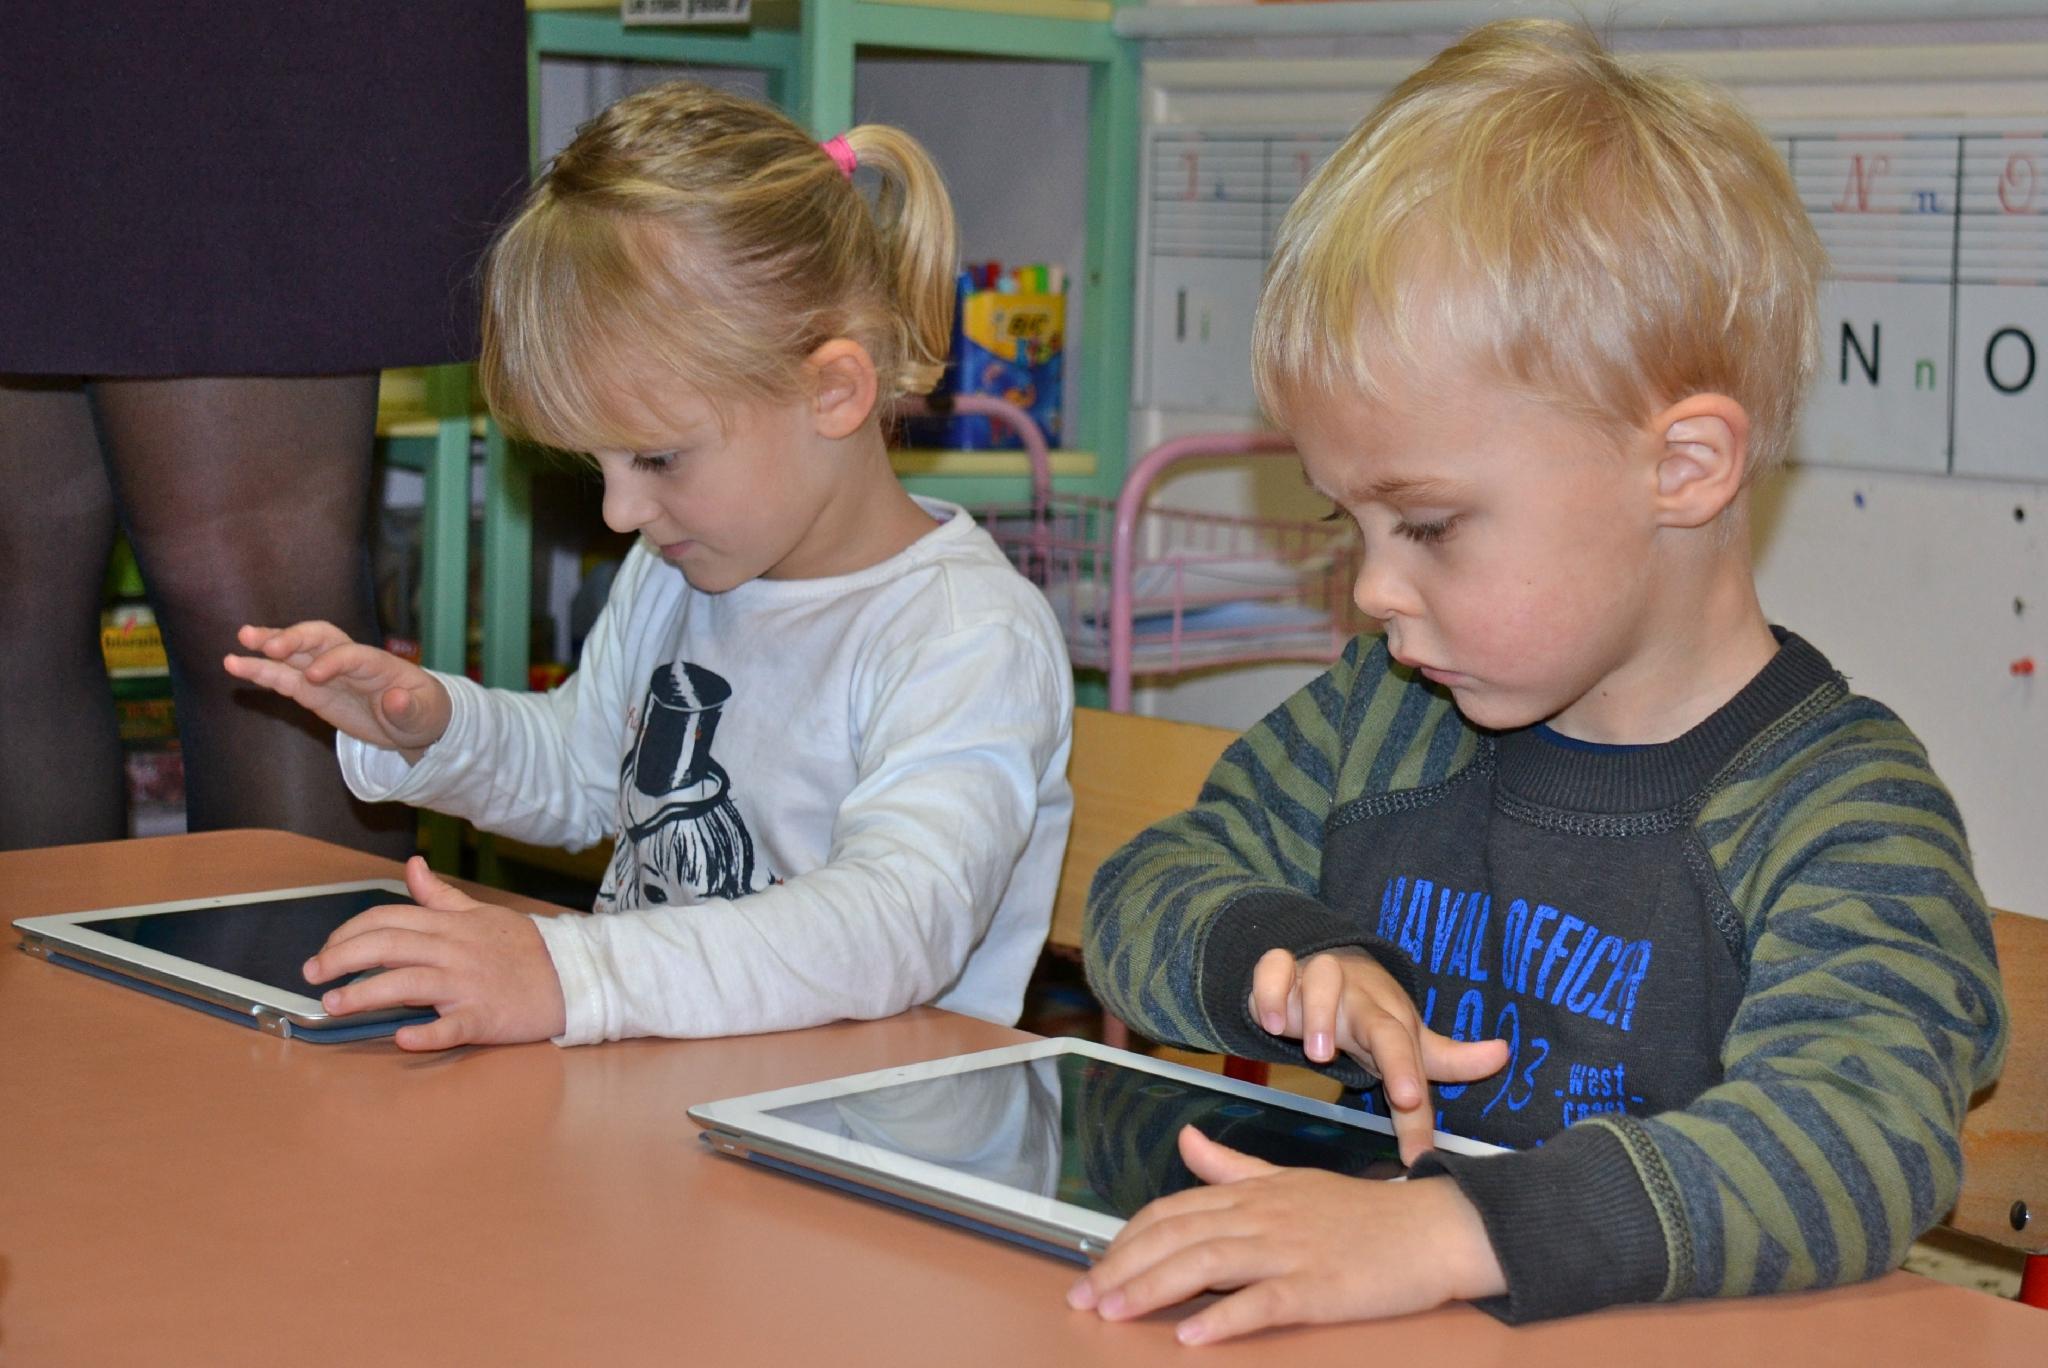 De L'ardoise A La Tablette : L'étonnante Facilité Des intérieur Tablette Enfant Fille